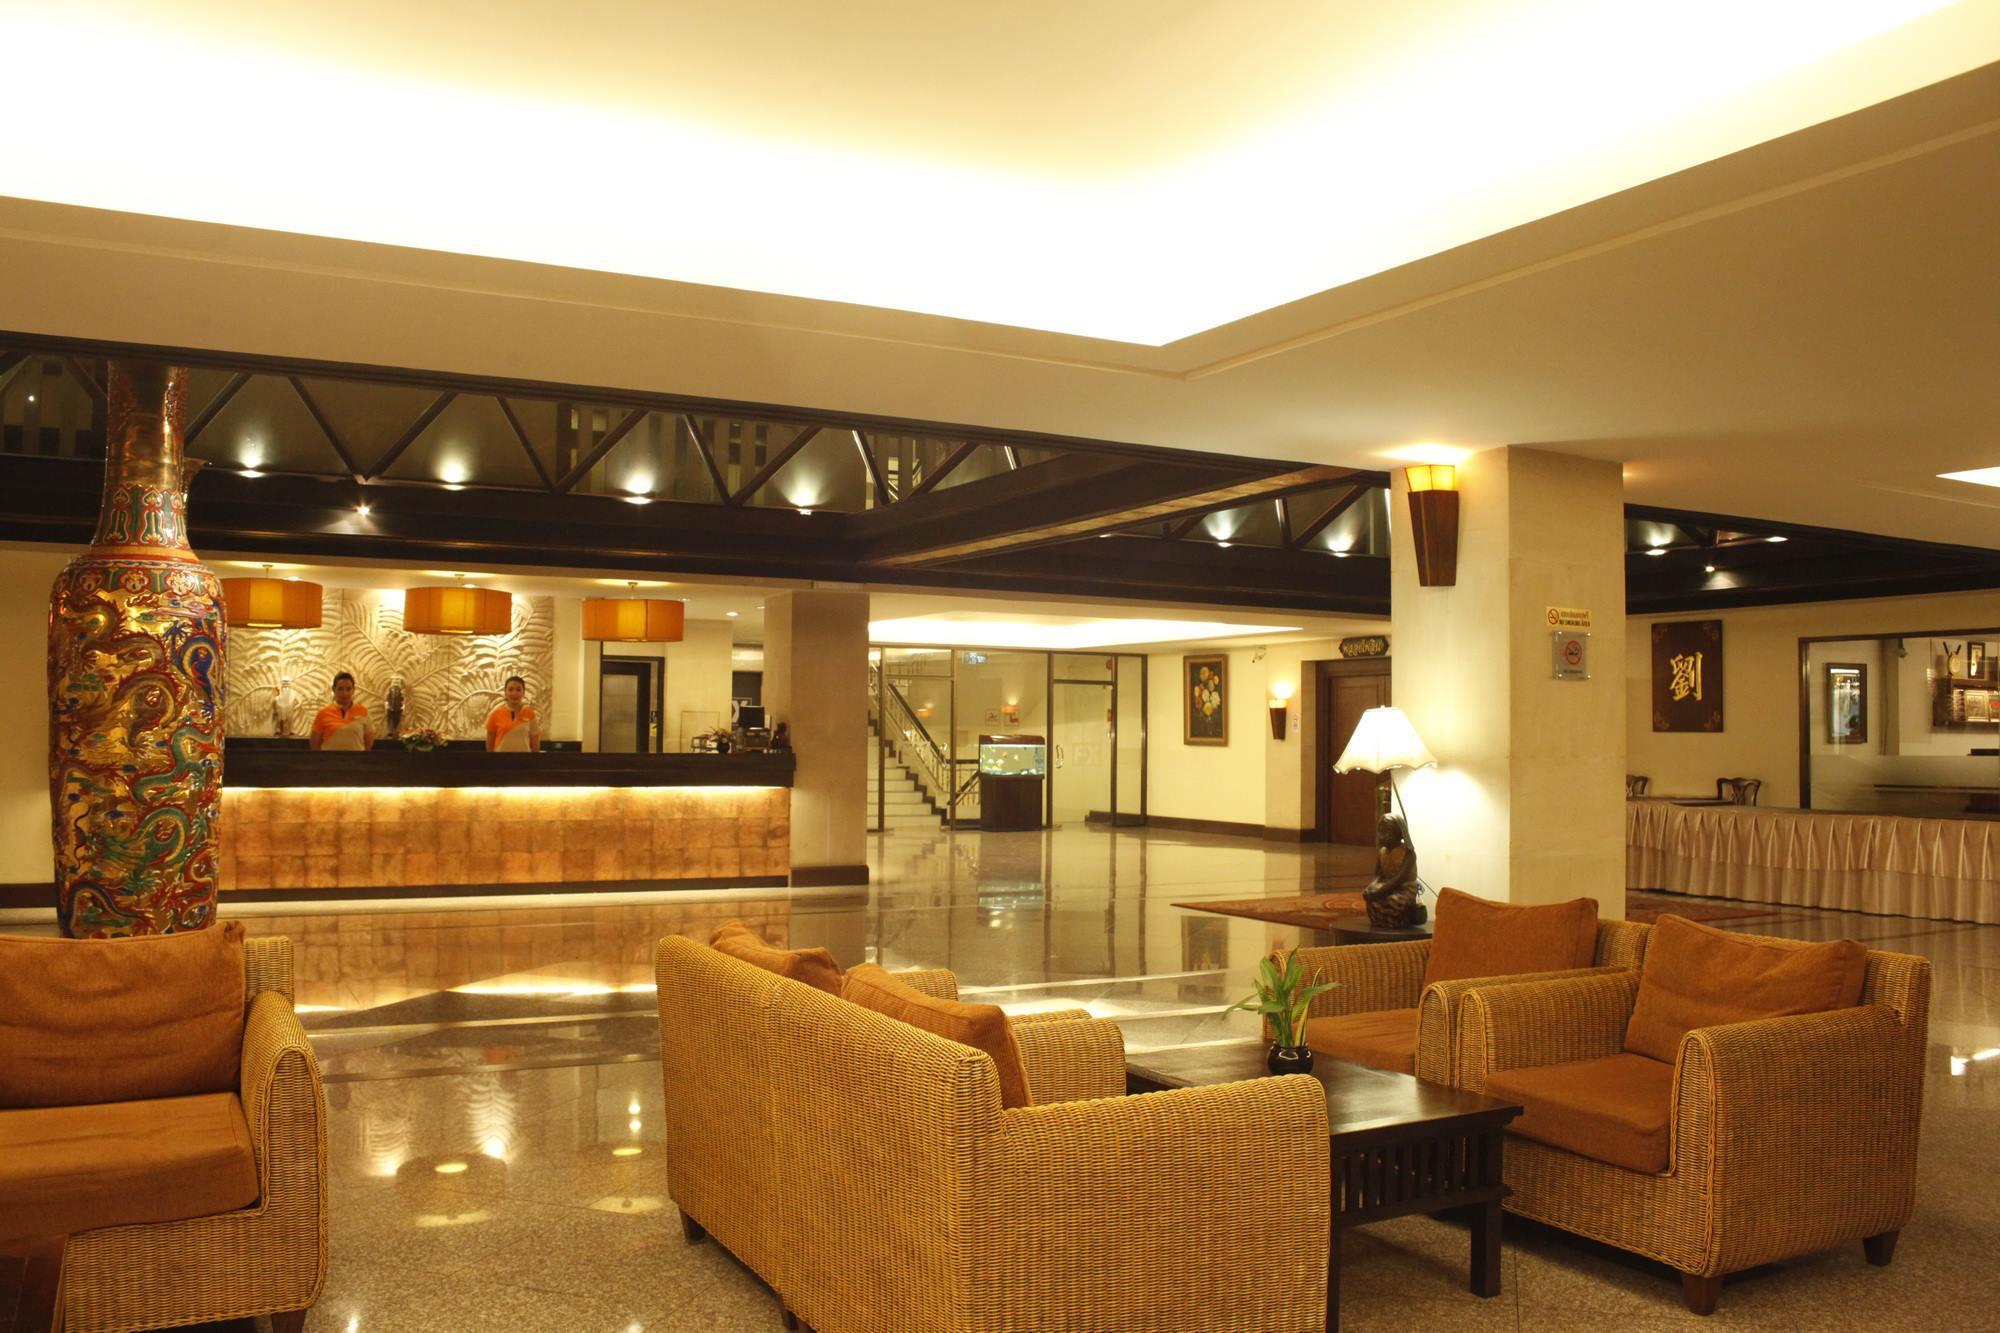 โรงแรมรอยัล เพนนินซูลา เชียงใหม่